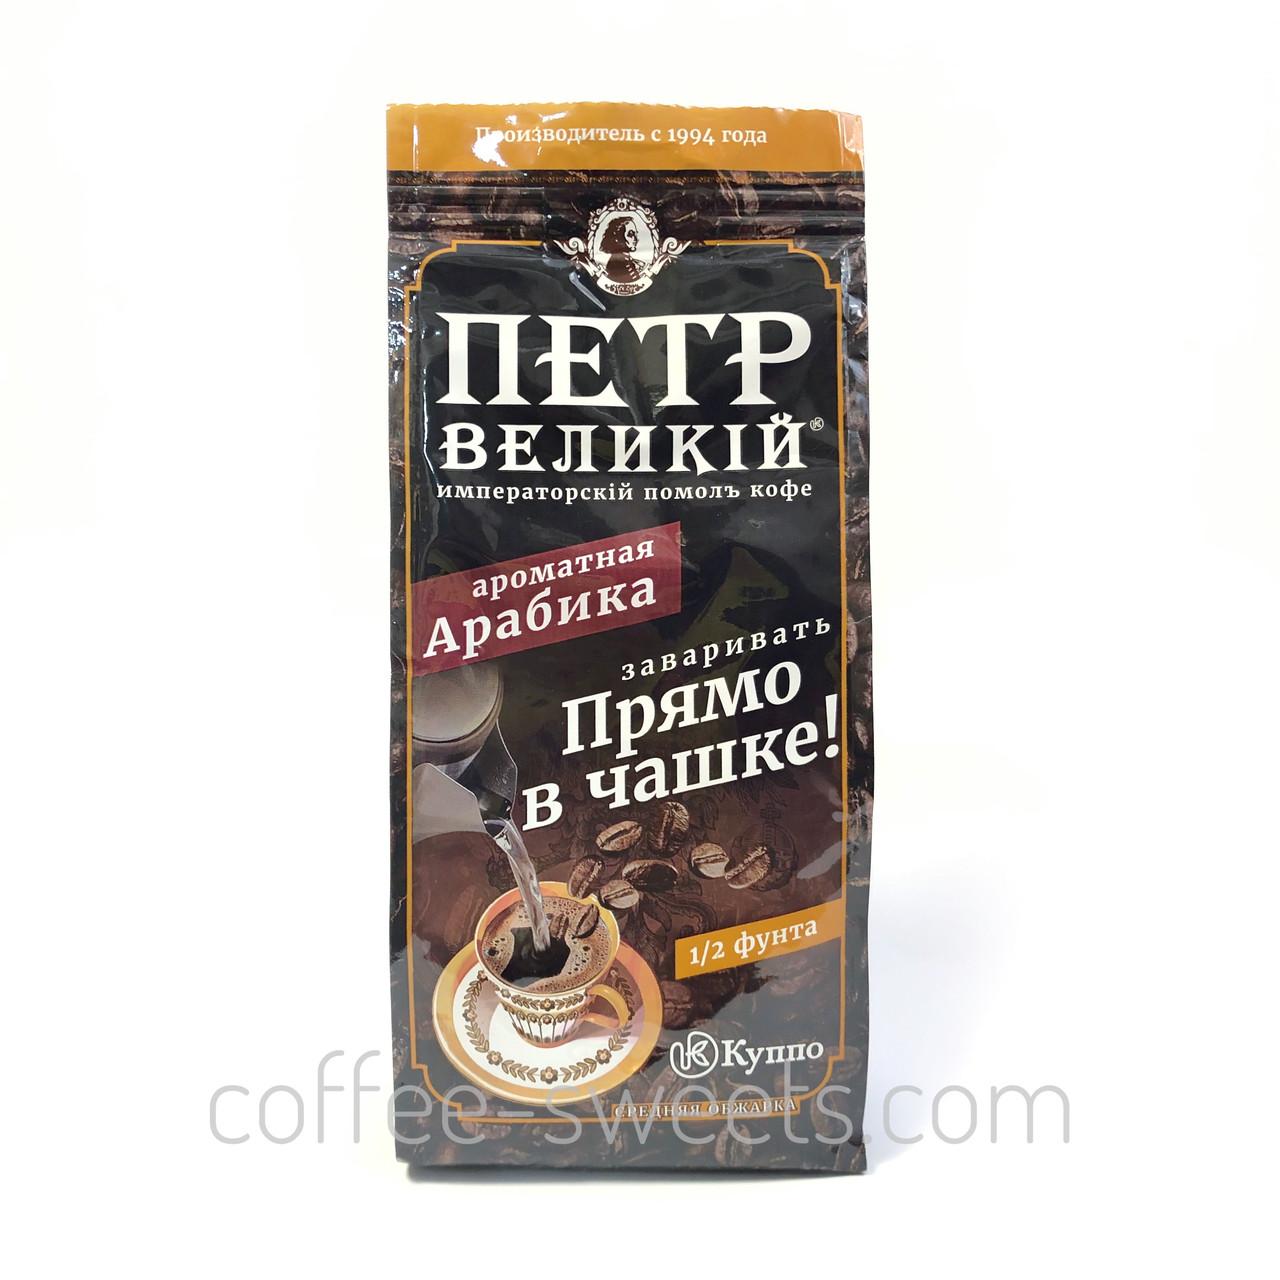 Кофе молотый Петр Великий Арабика 204 г